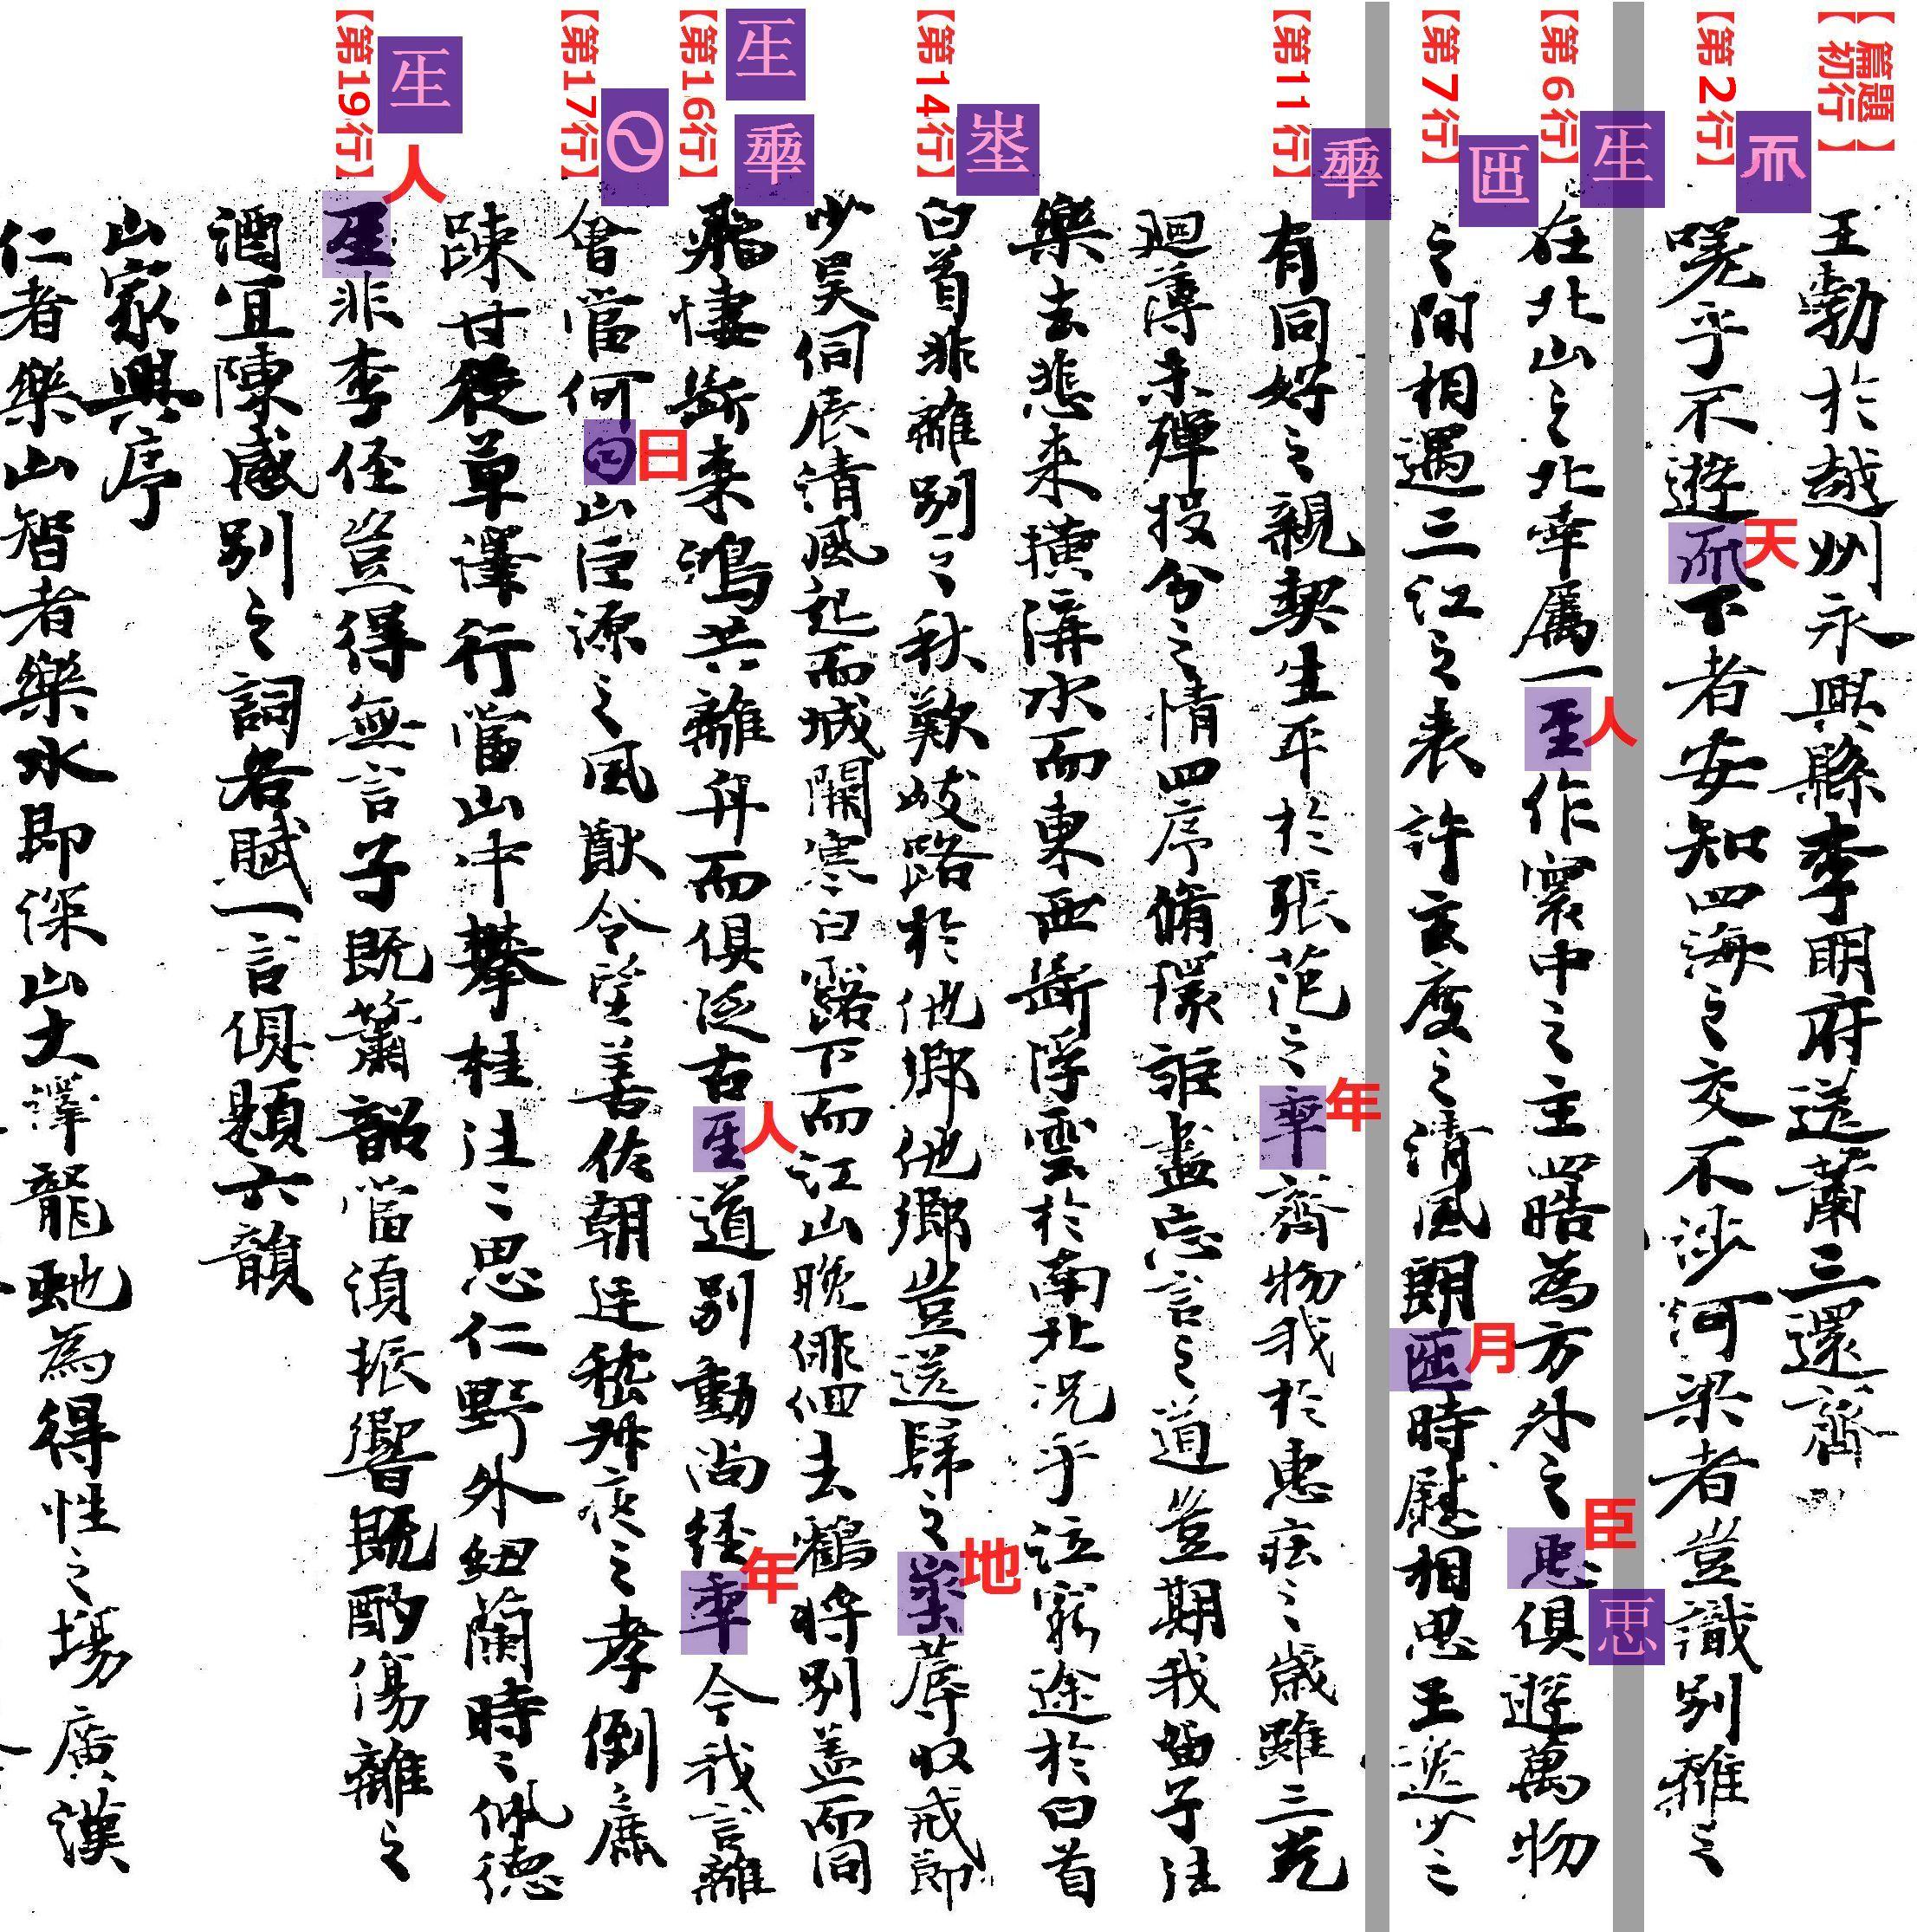 則天文字 - 篆額と自虐 - Blogur...